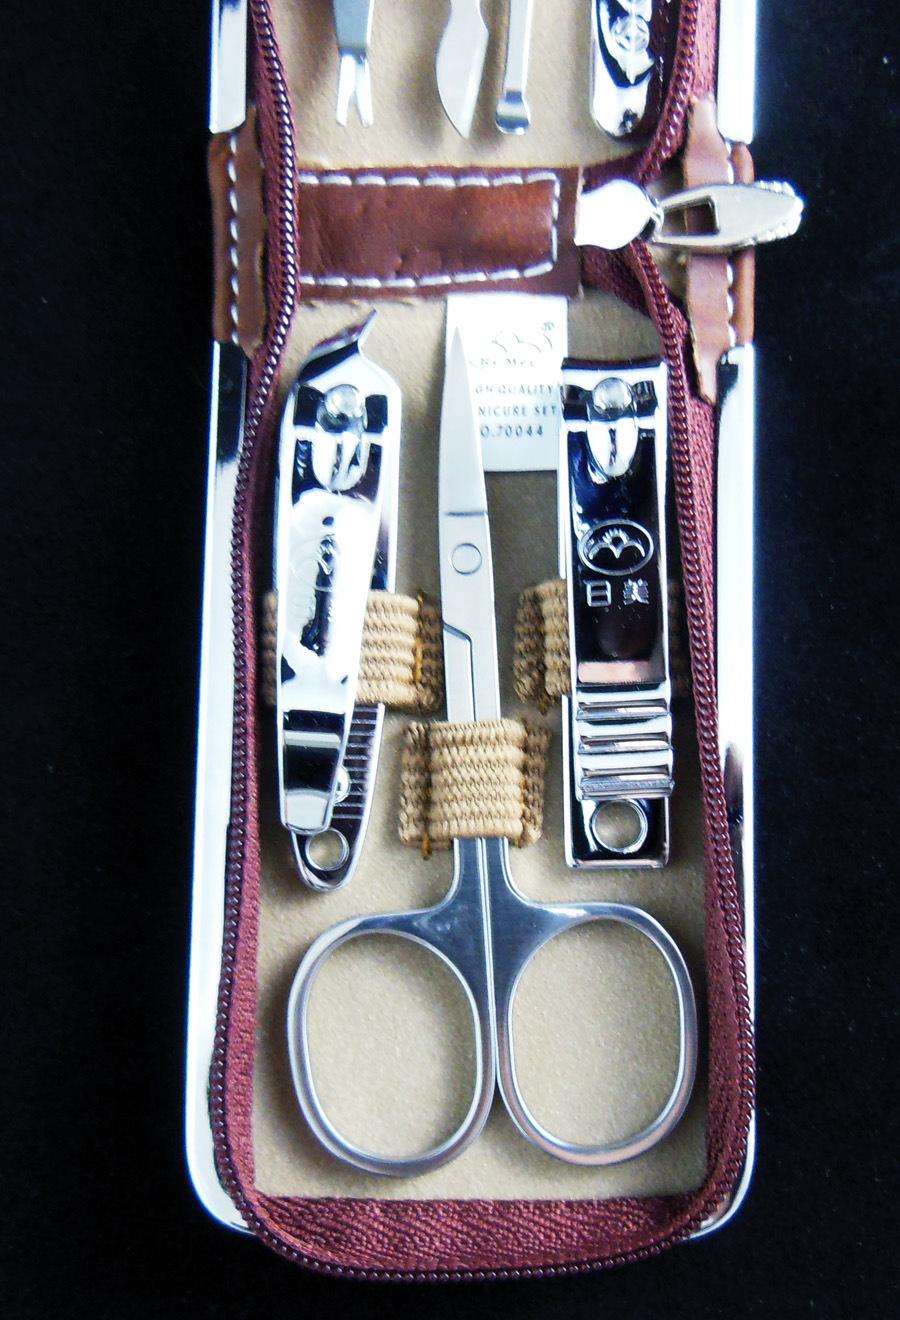 70044美容工具套装 7件套美妆工具套装 -价格,厂家,图片,美甲图片